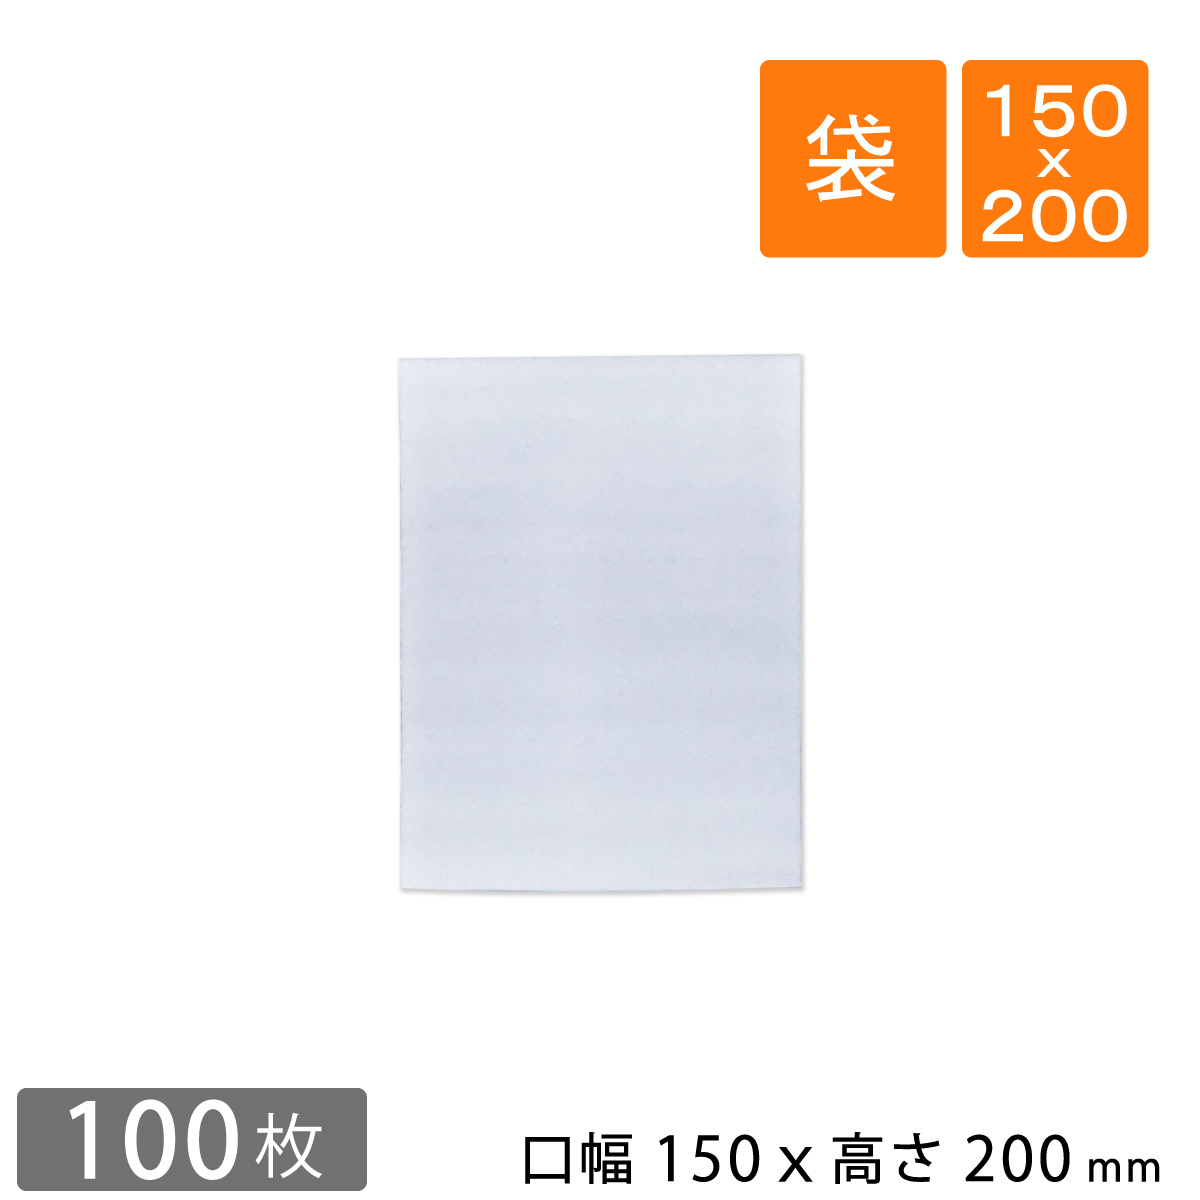 100枚 超目玉 雑貨の梱包 簡易保冷袋にも ライトロン袋 ミラーマット袋 超歓迎された 厚さ1mm 150×200mm